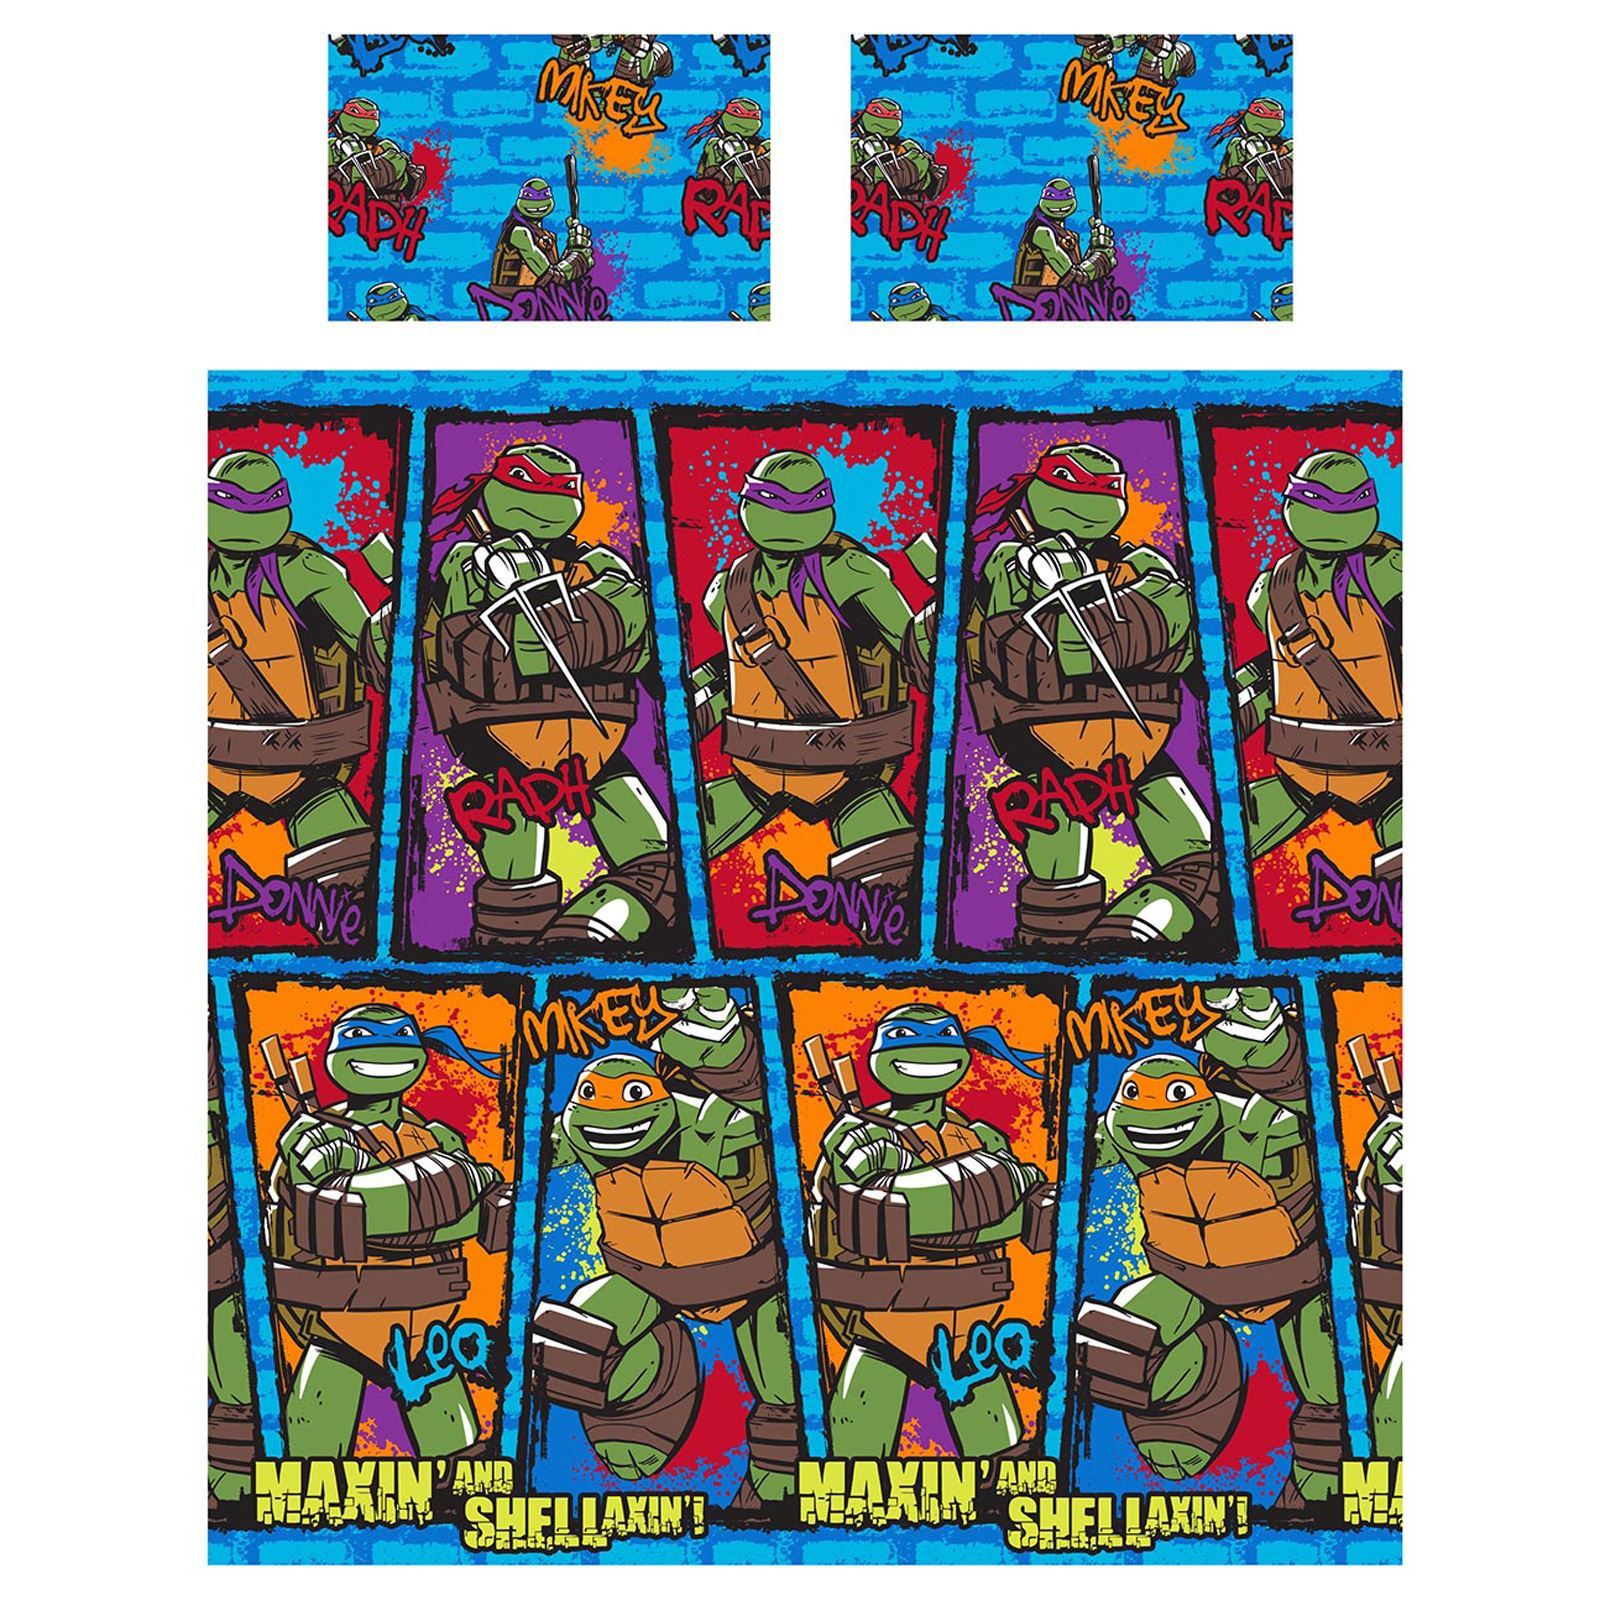 Ninja Turtle Bedroom Decor Teenage Mutant Ninja Turtles Bedding Single Duvet Cover Sets Boys